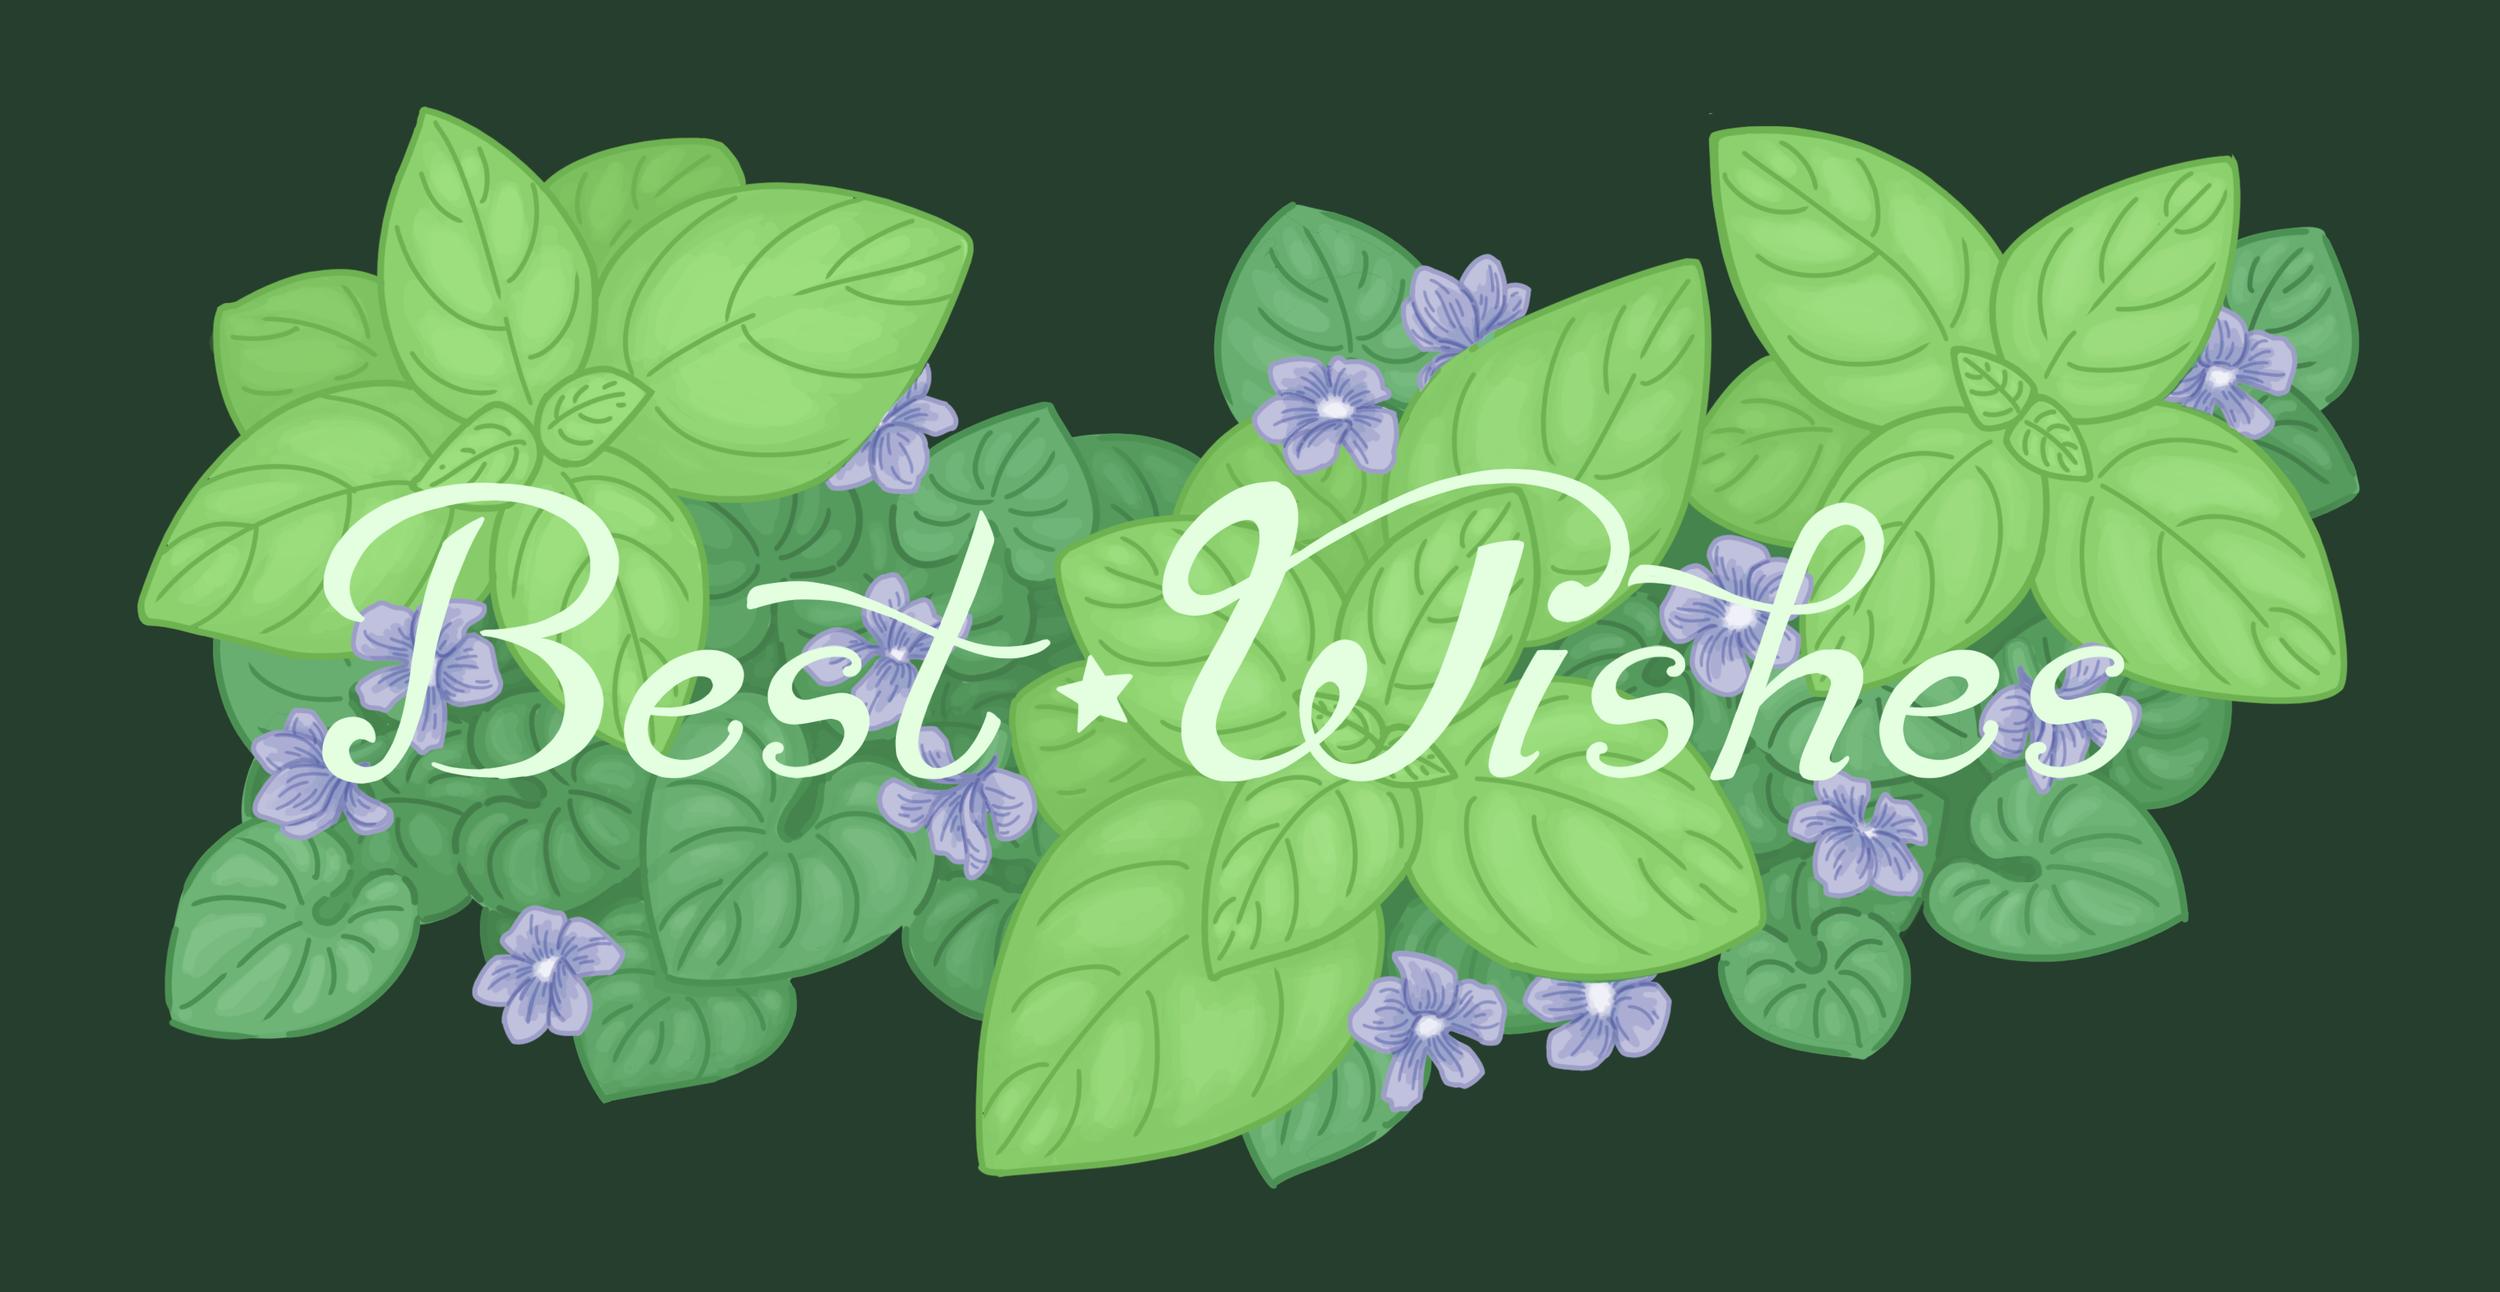 Best Wishes Card Design